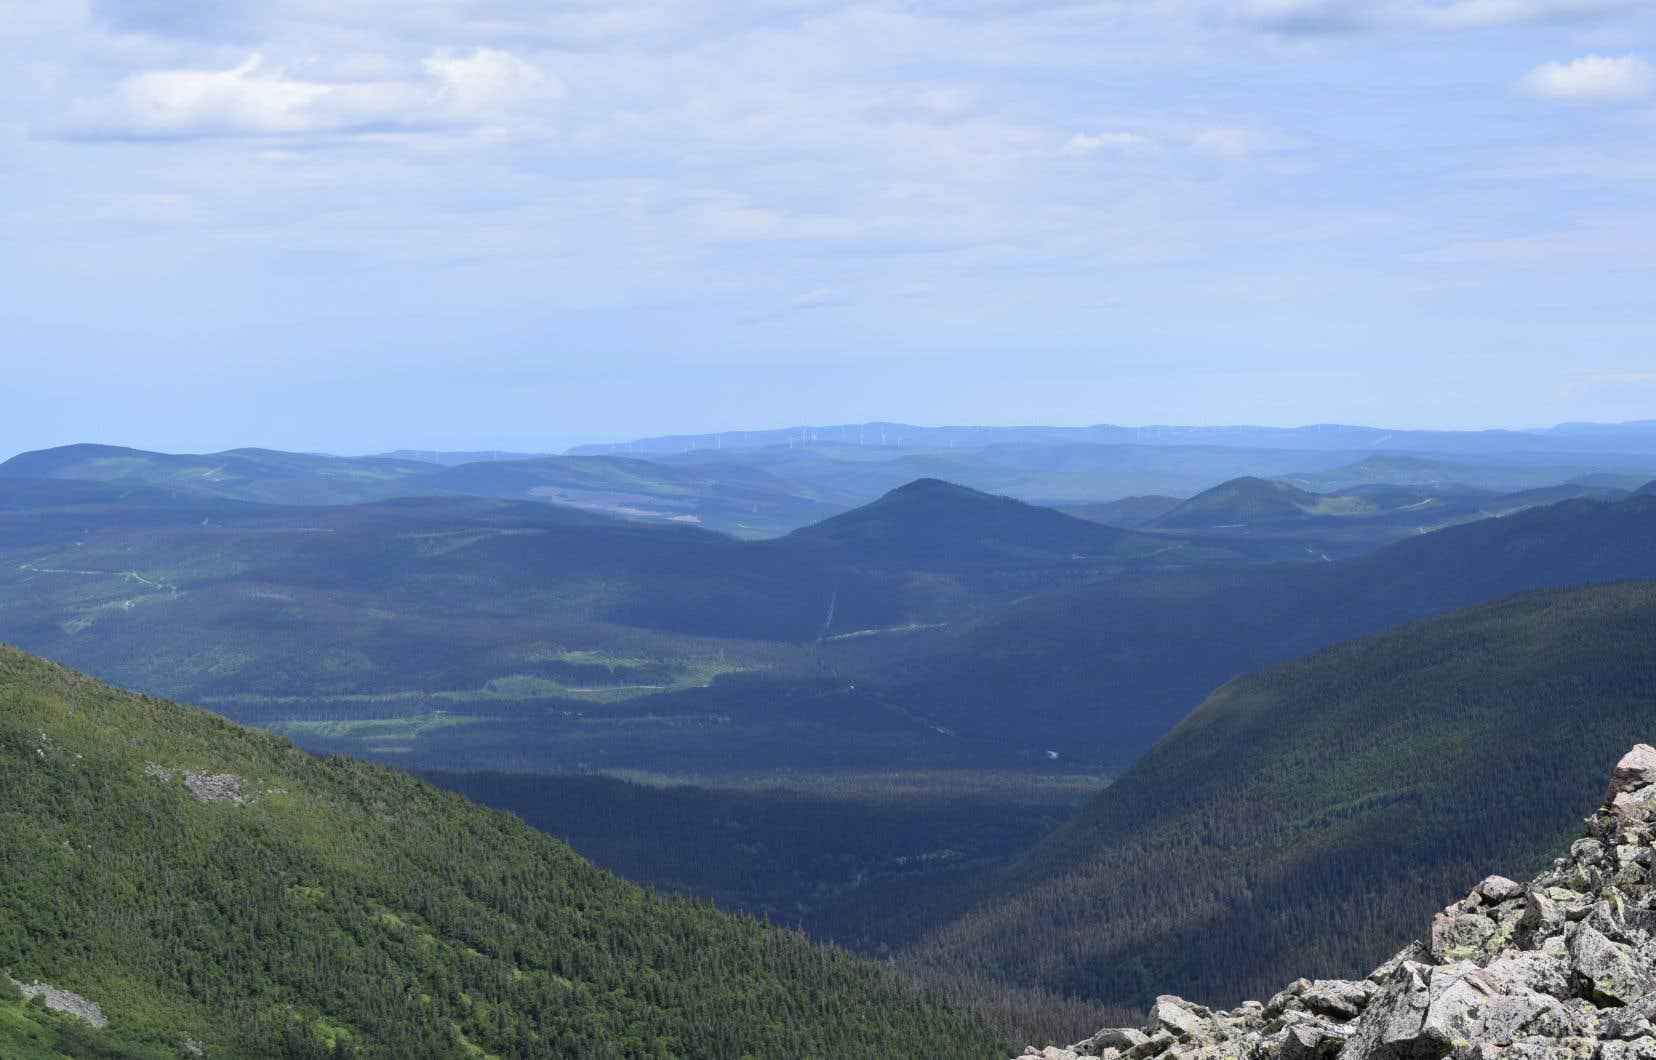 Le gouvernement ajoute une zone protégée aux limites du parc national de la Gaspésie, un territoire qui abrite une population de caribous au bord de l'extinction.